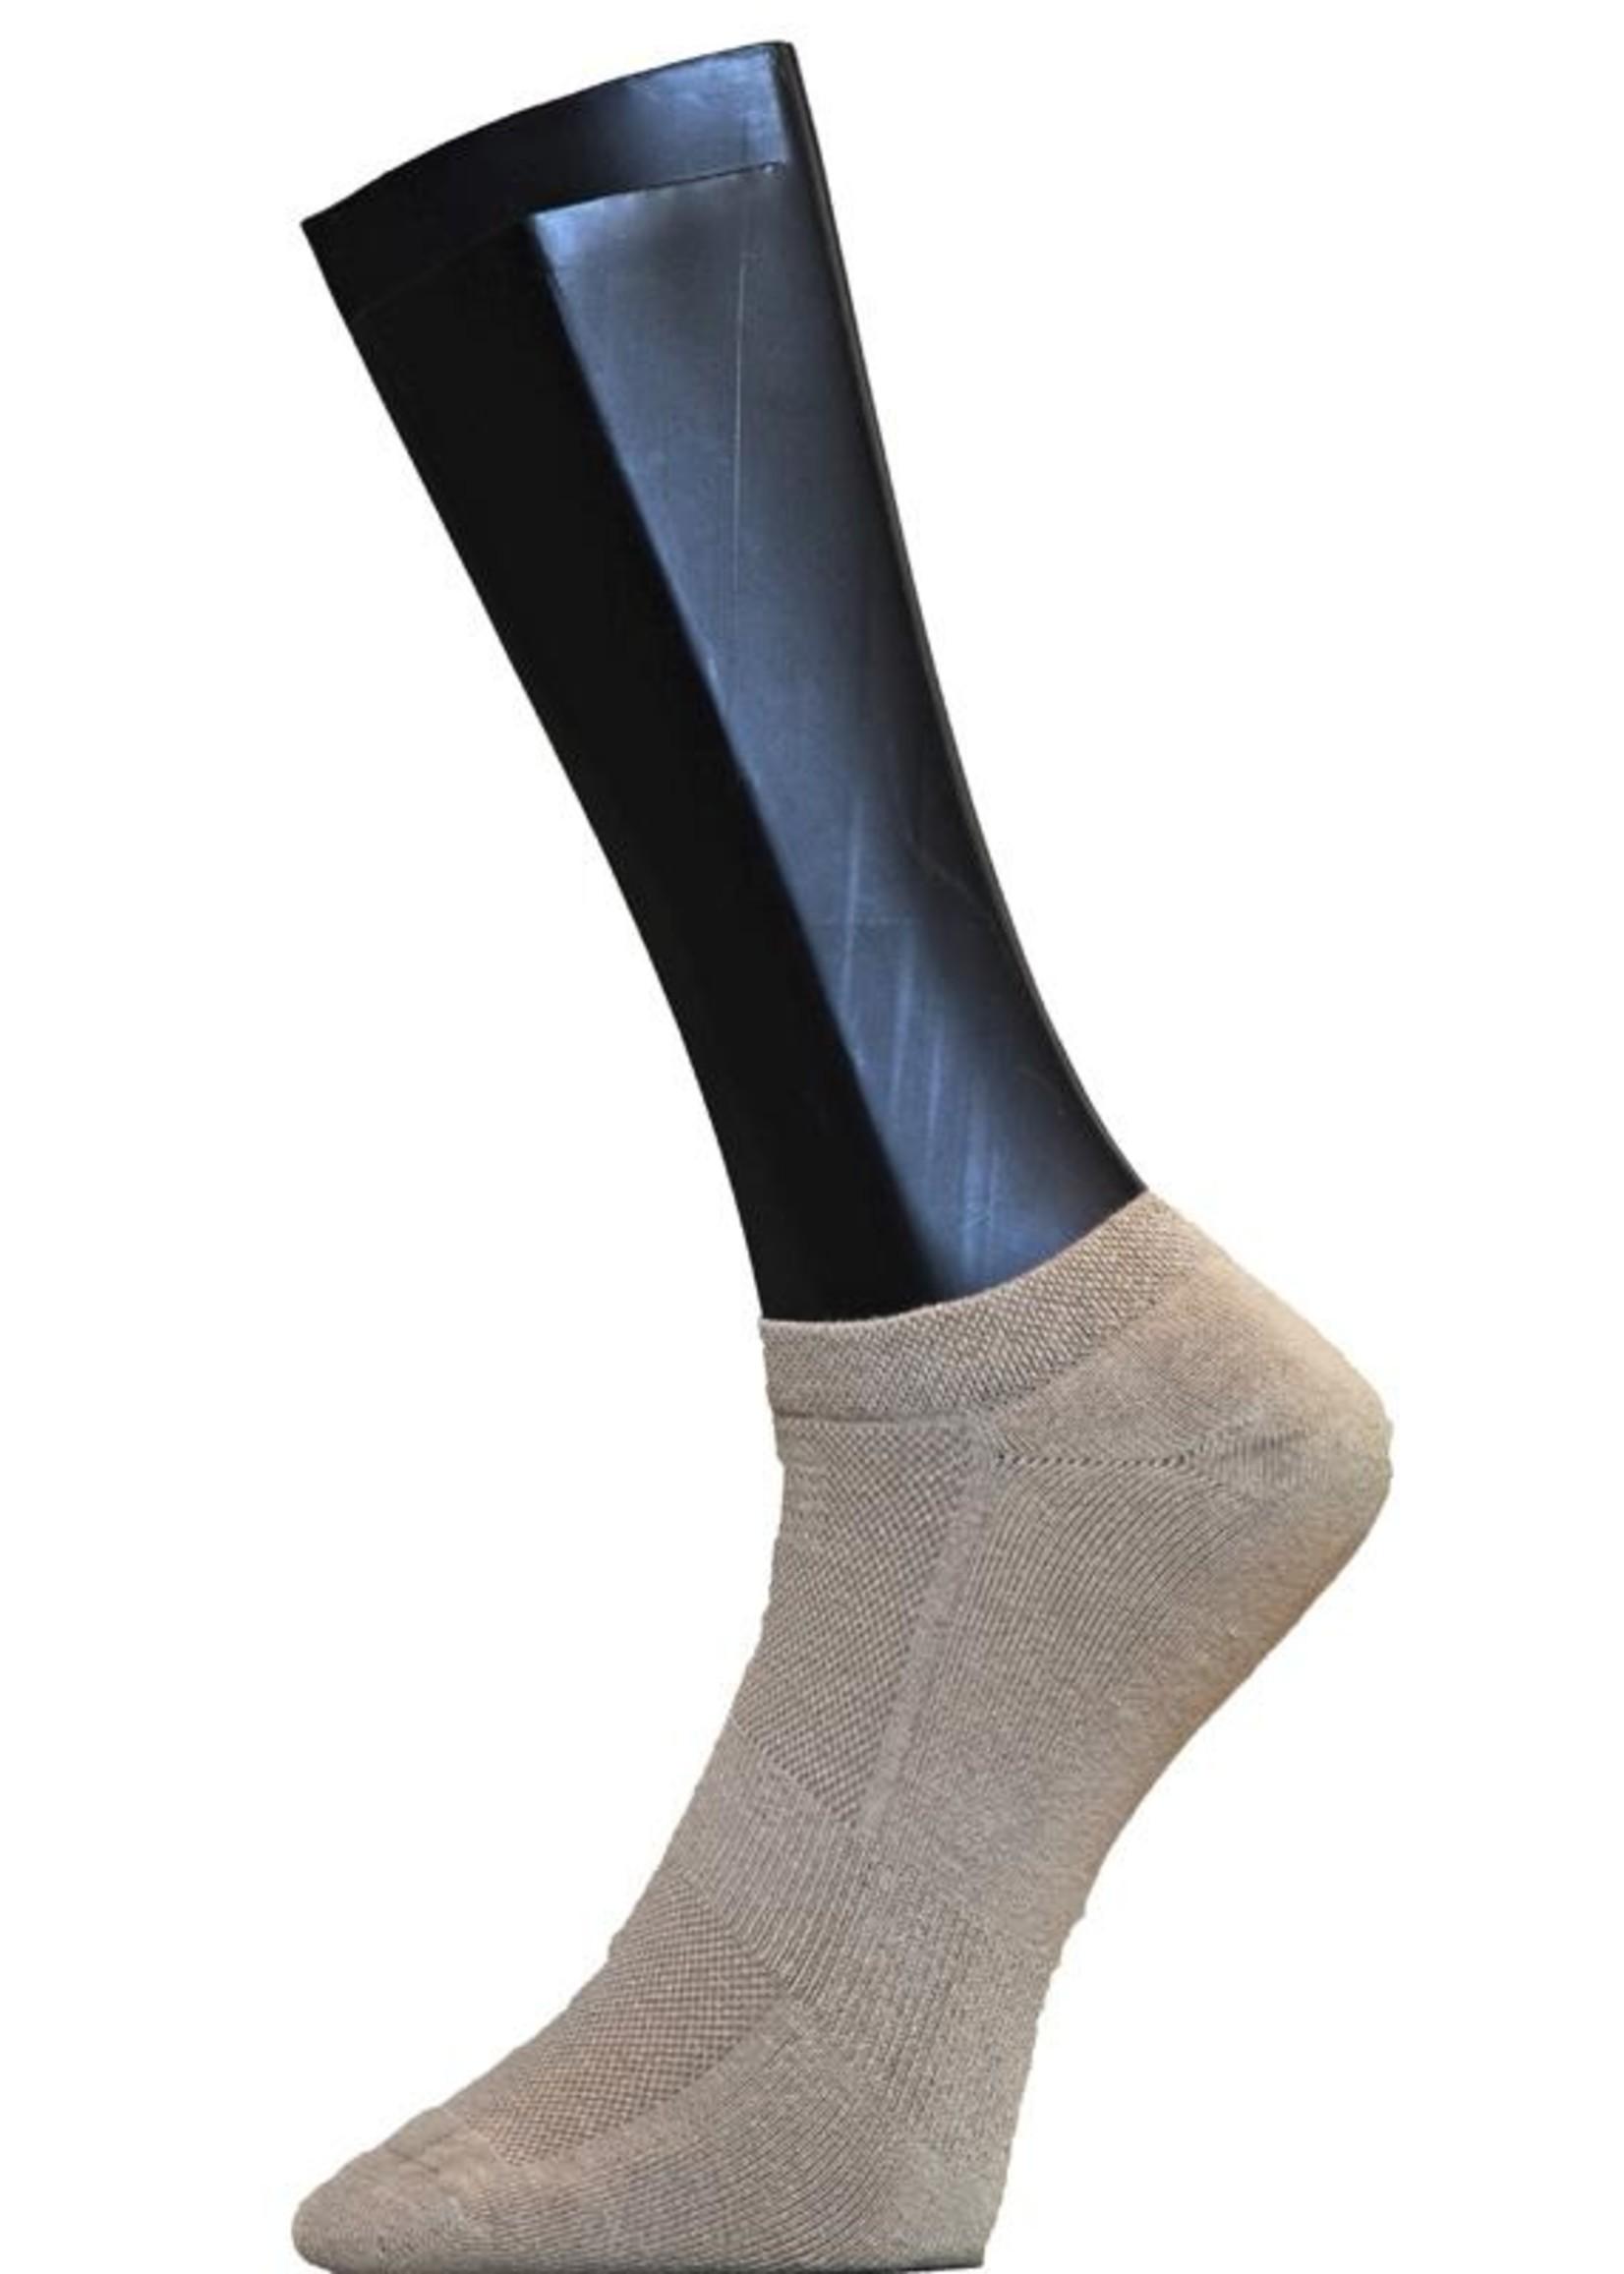 Sneaker badstofzool - Beige (2 paar)